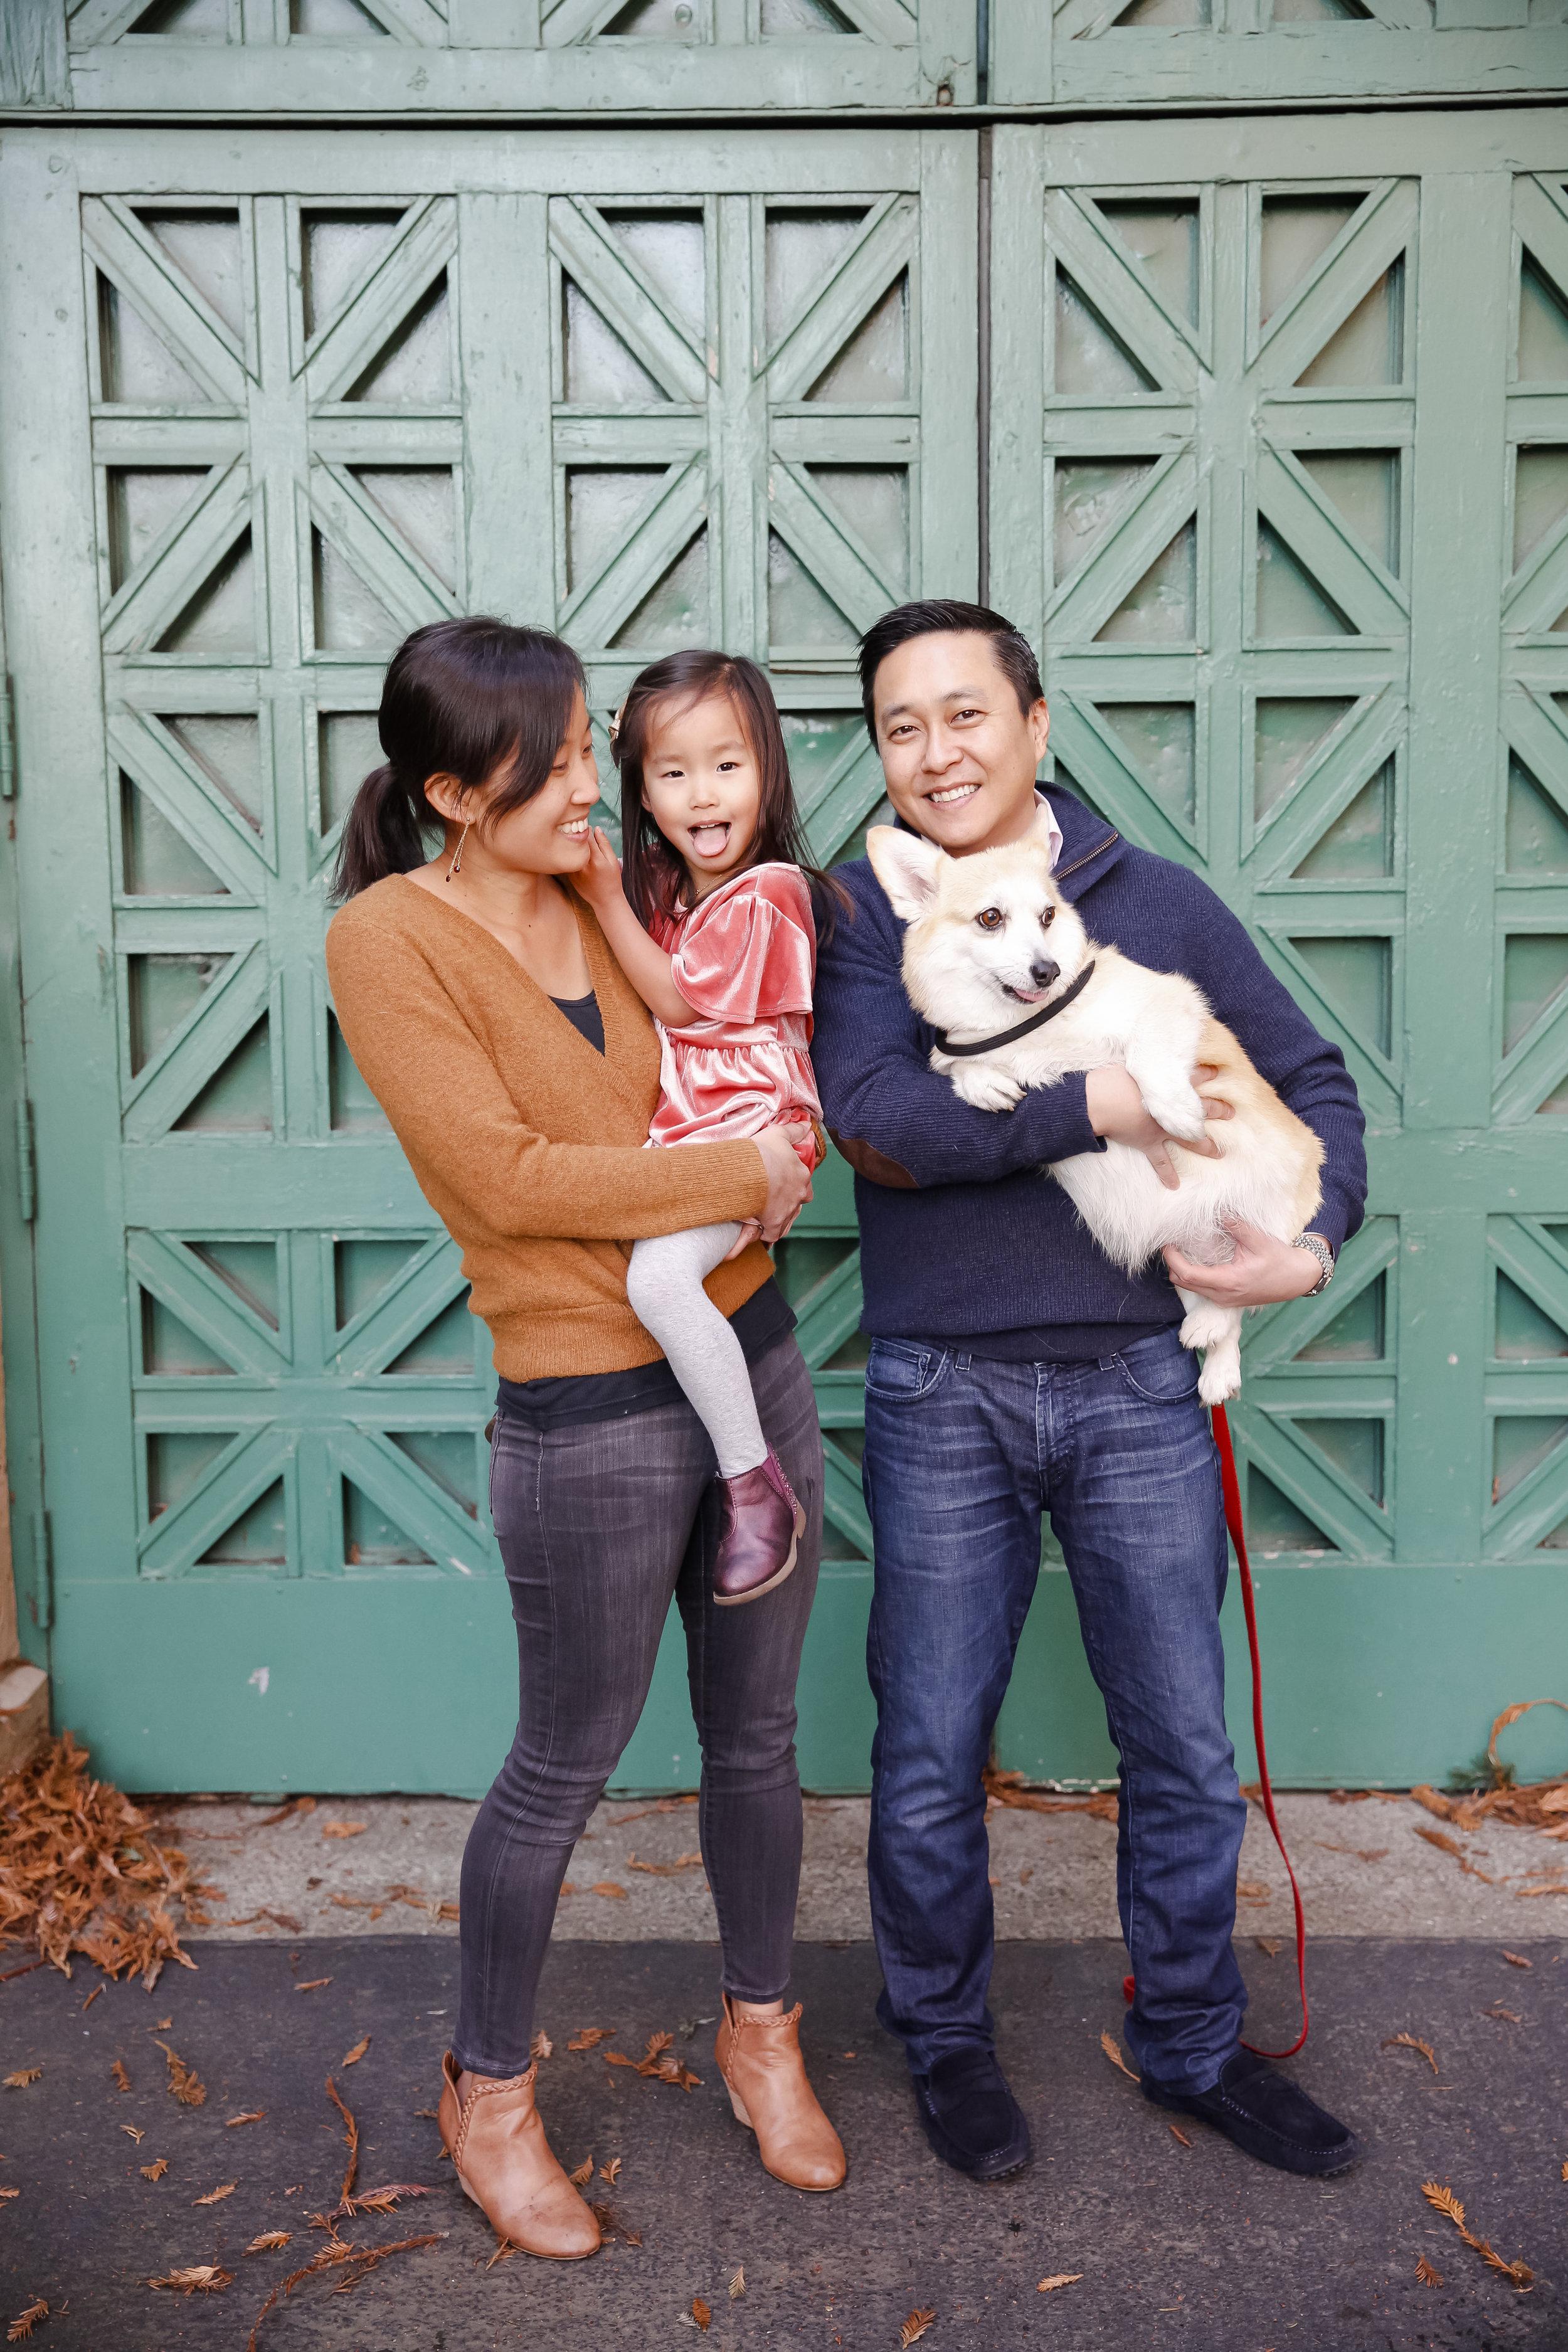 linfamily-ahp-00165.jpg